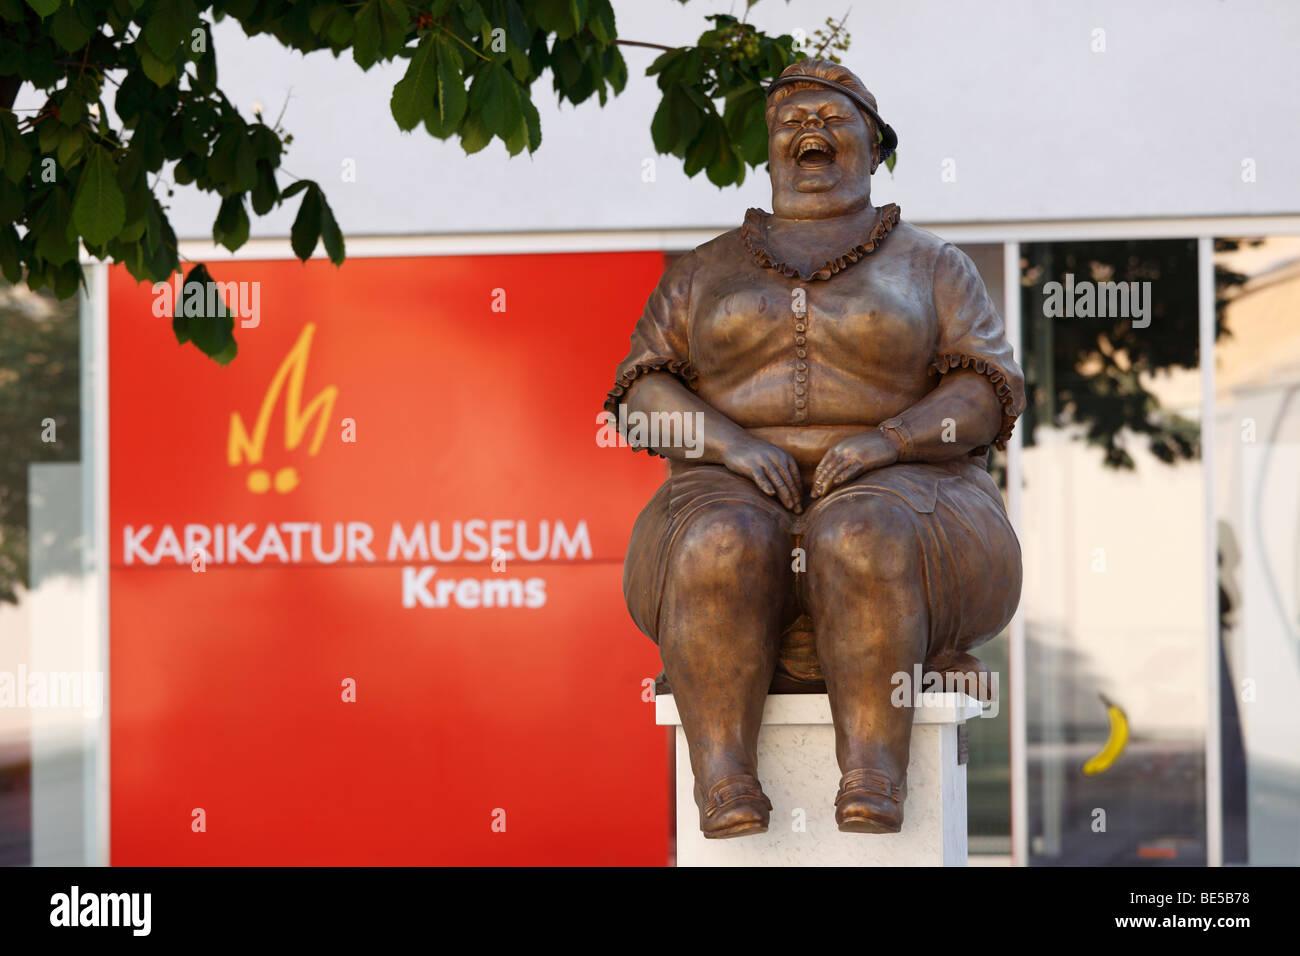 Sculpture en bronze de Manfred Deix en face de la caricature Karikaturmuseum museum, l'art de mille dans la région de Wachau, Krems, Aus Banque D'Images